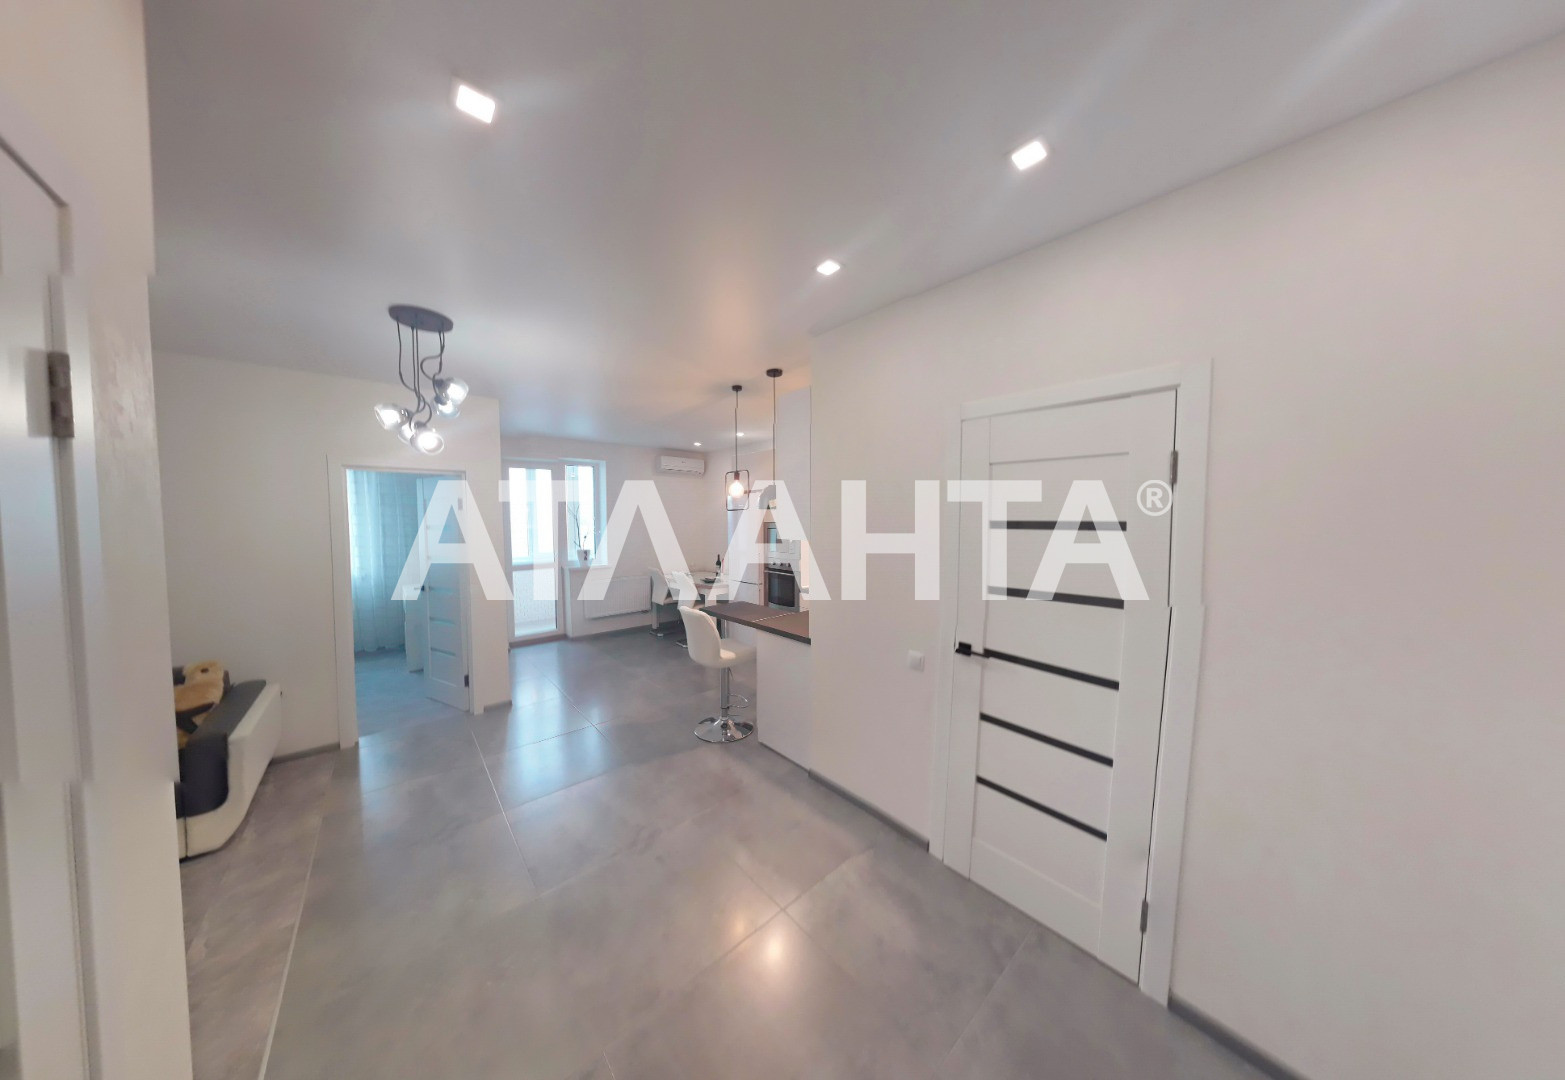 Продается 2-комнатная Квартира на ул. Теремковская — 85 000 у.е. (фото №8)